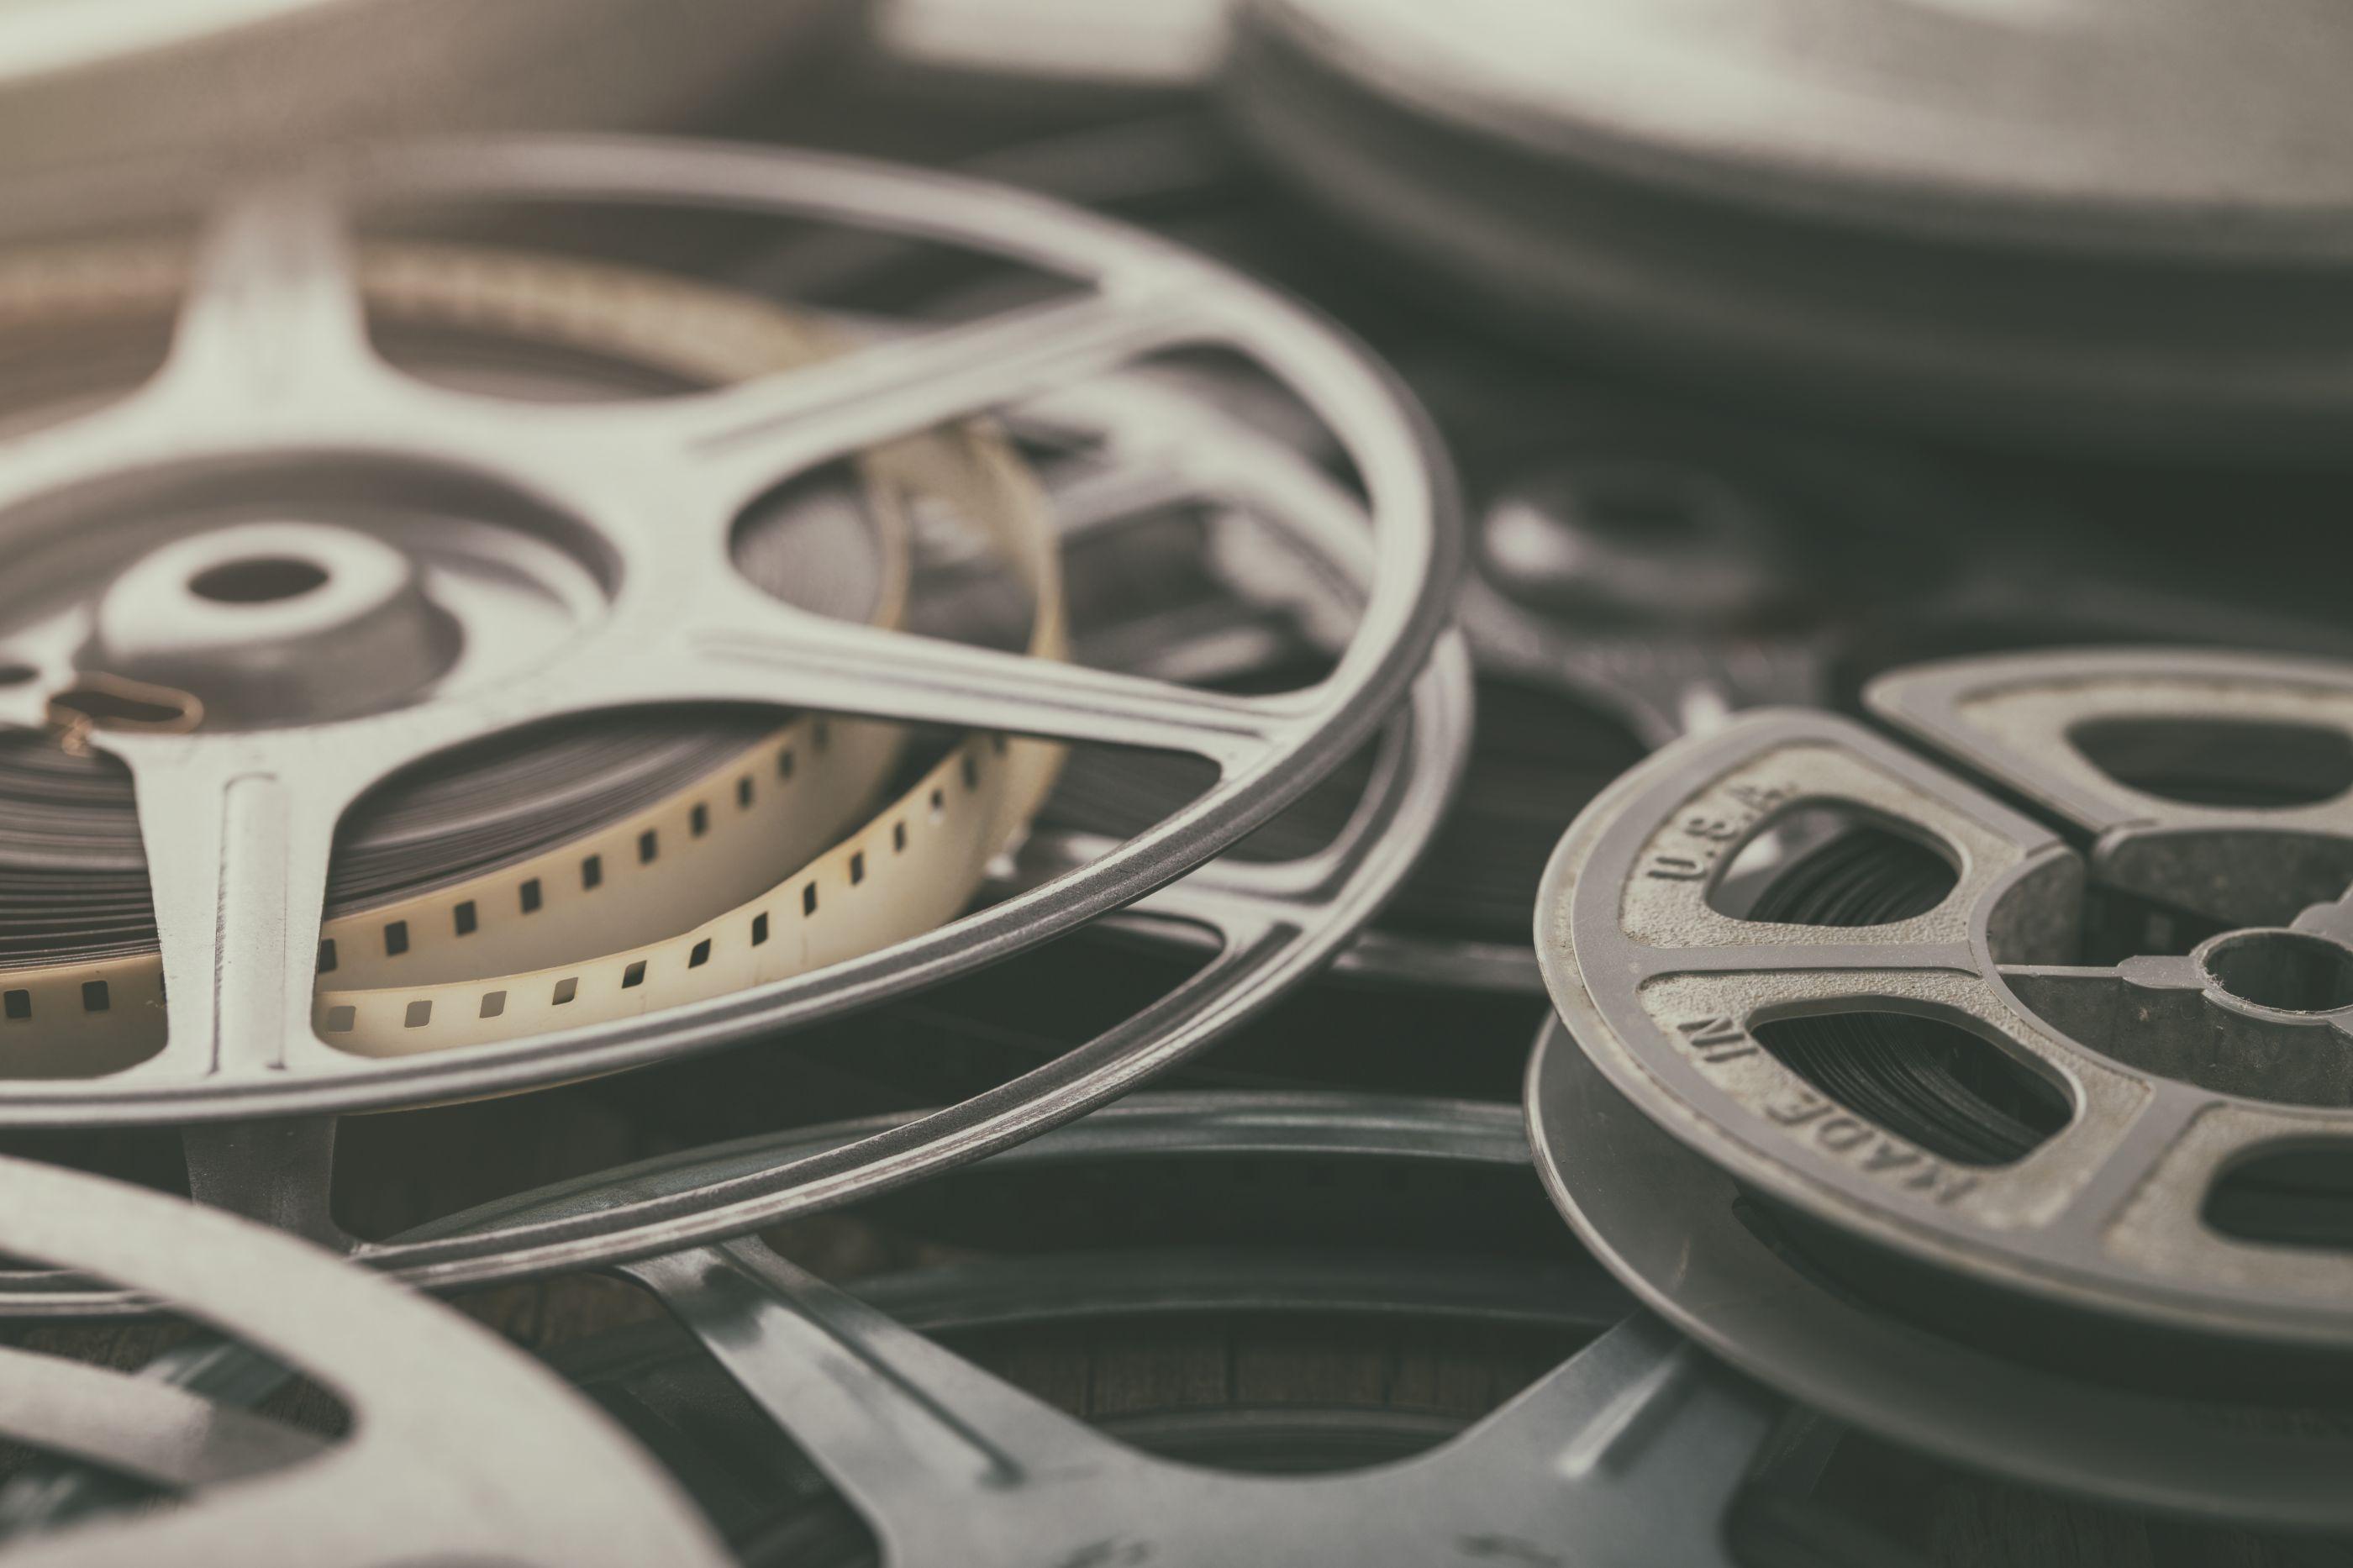 Mostra de cinema indígena do Brasil em março no Museu Calouste Gulbenkian